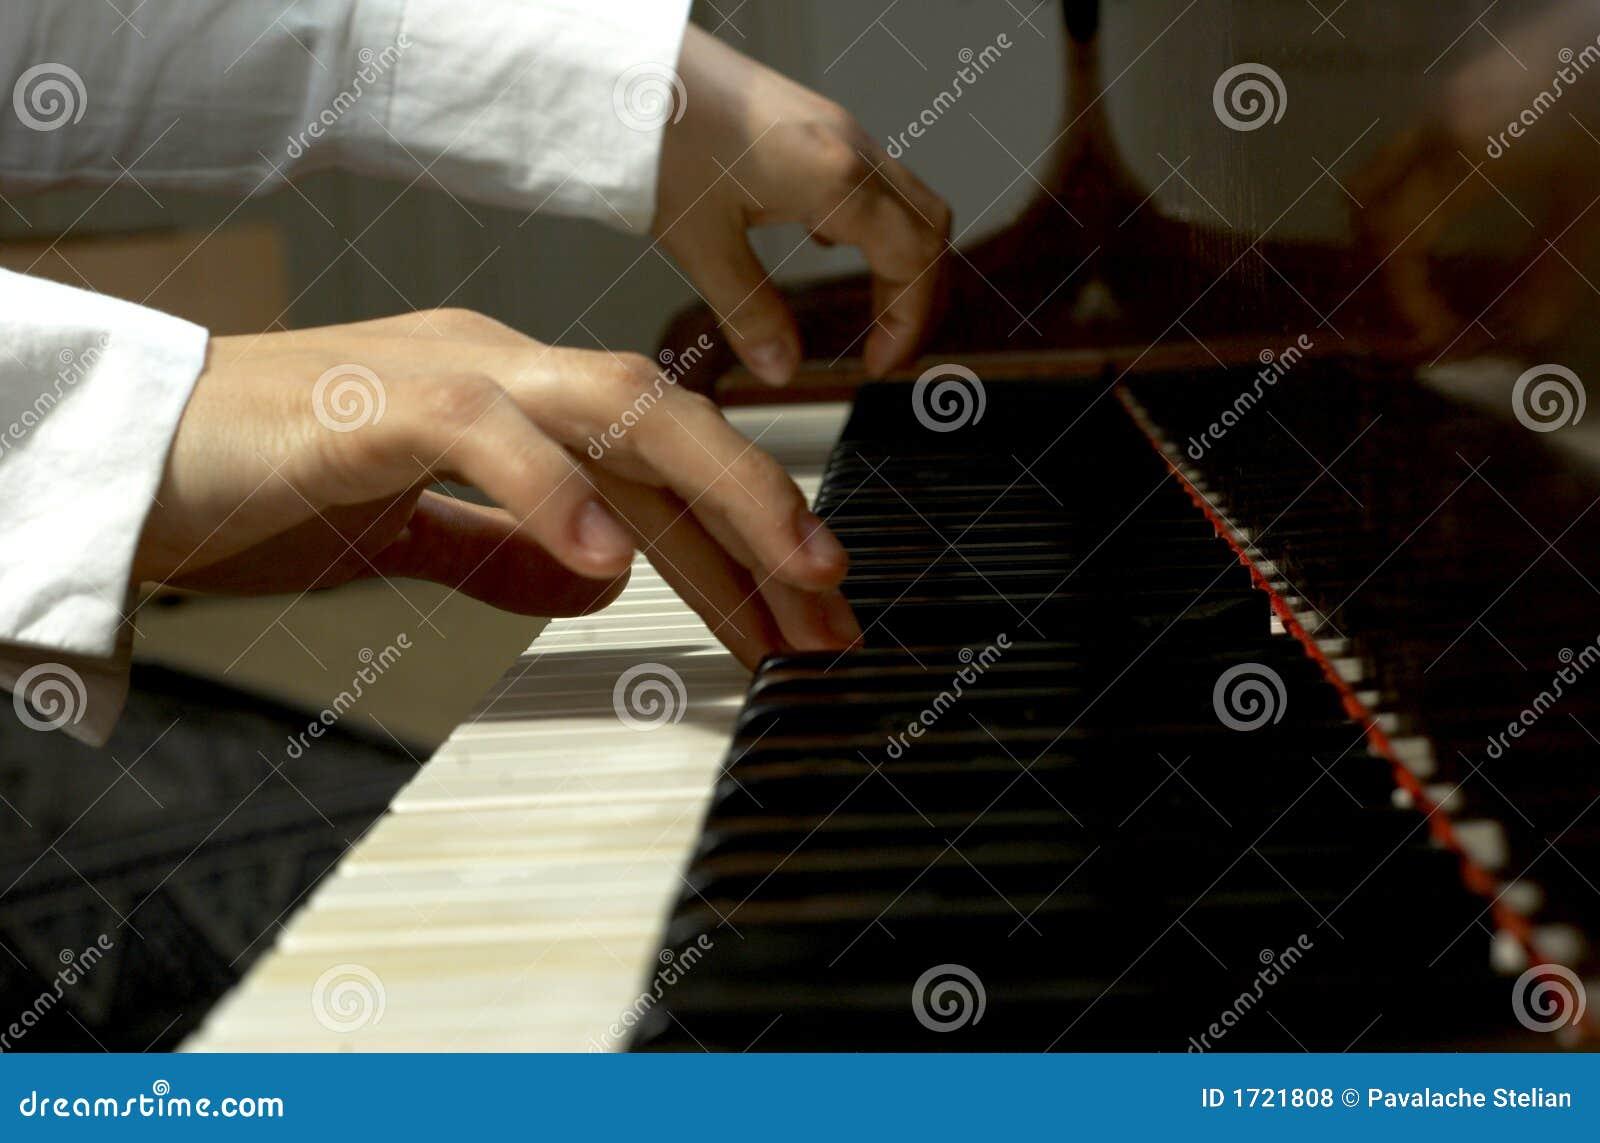 Handen bij de Sleutels van een Piano